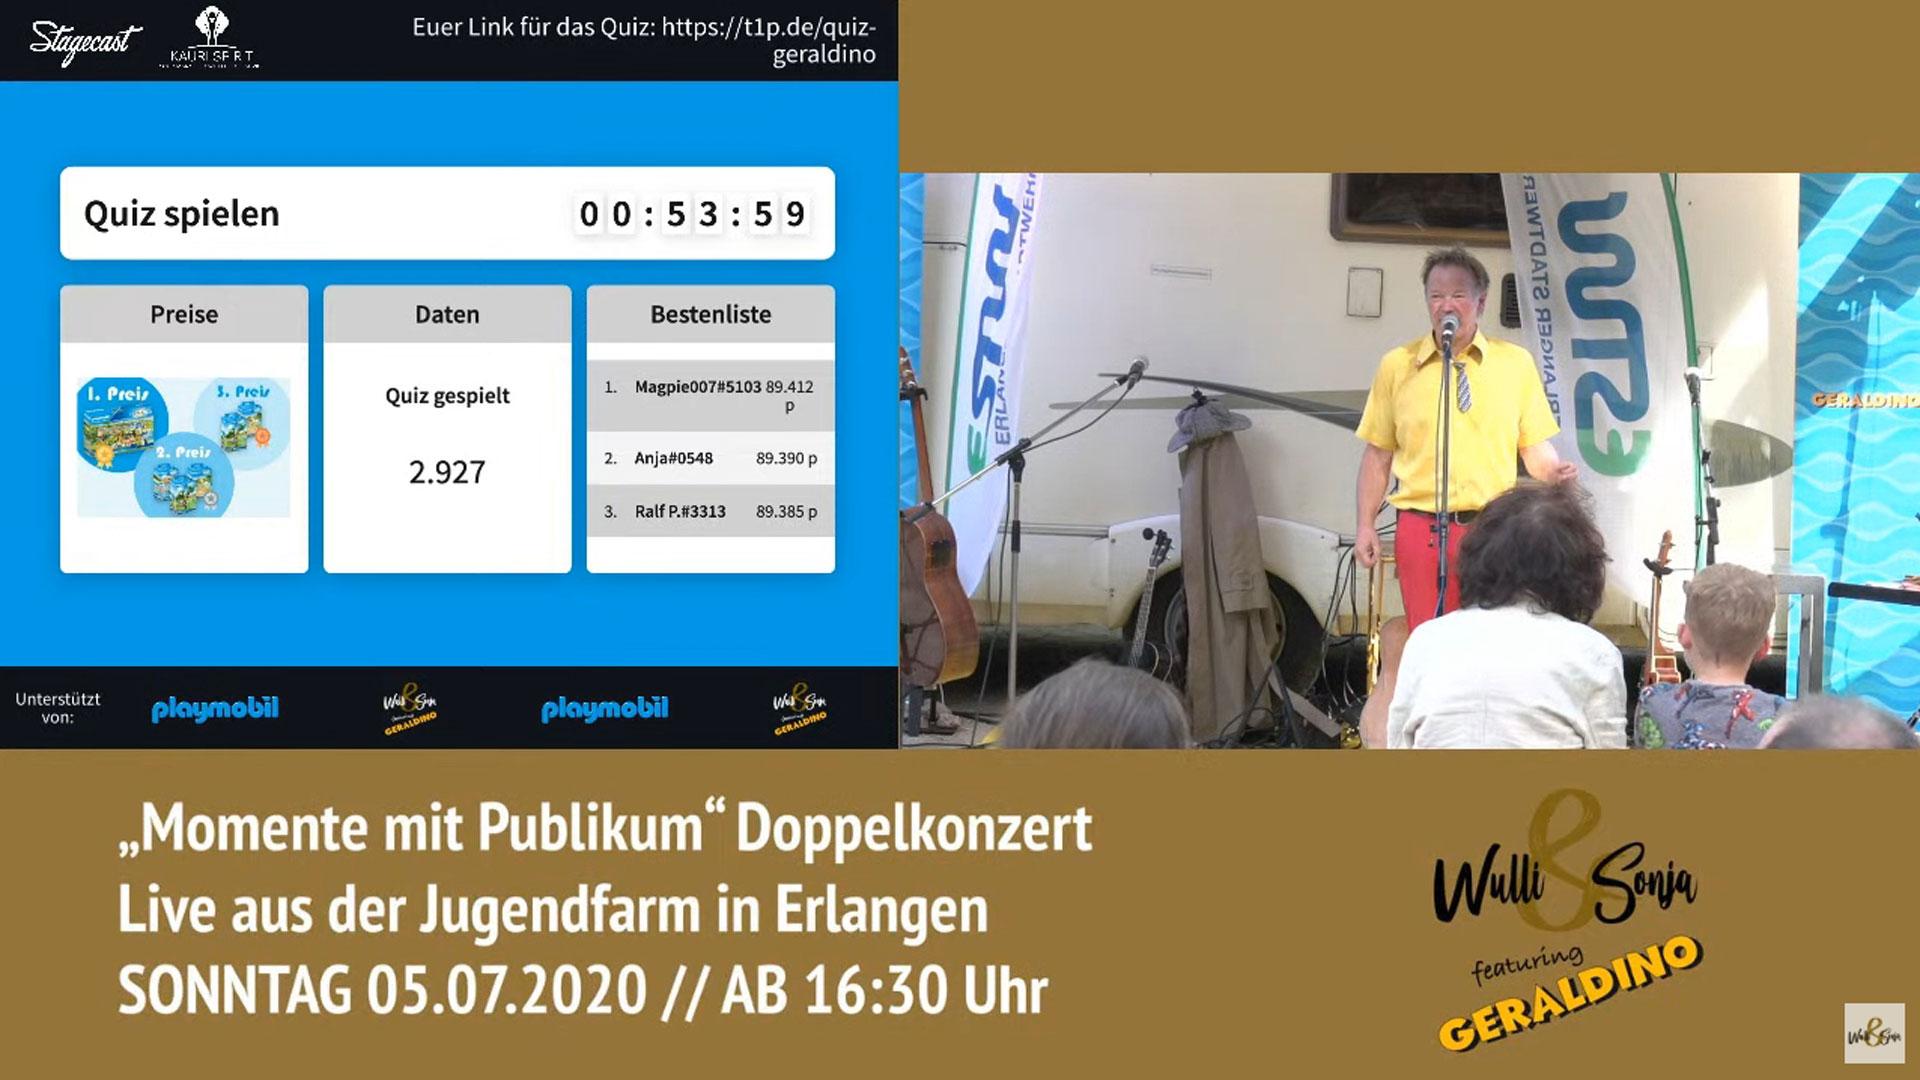 Wulli und Sonja Open-Air mit Playmobil Erlangen 05.07.2020